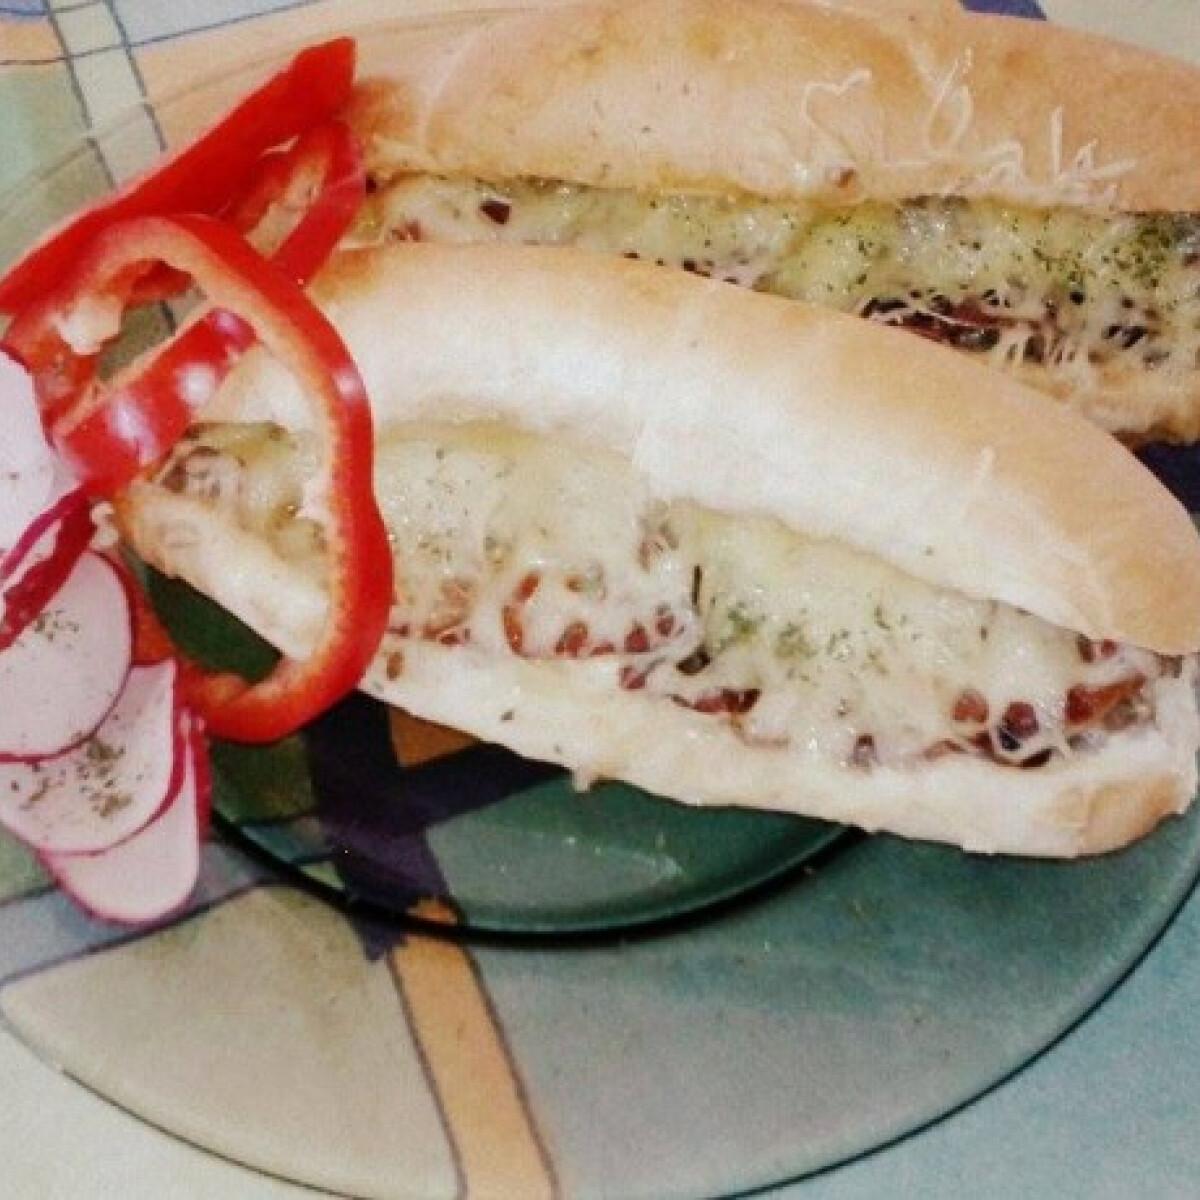 Ezen a képen: Darált húsos bagett Szintiminti konyhájából